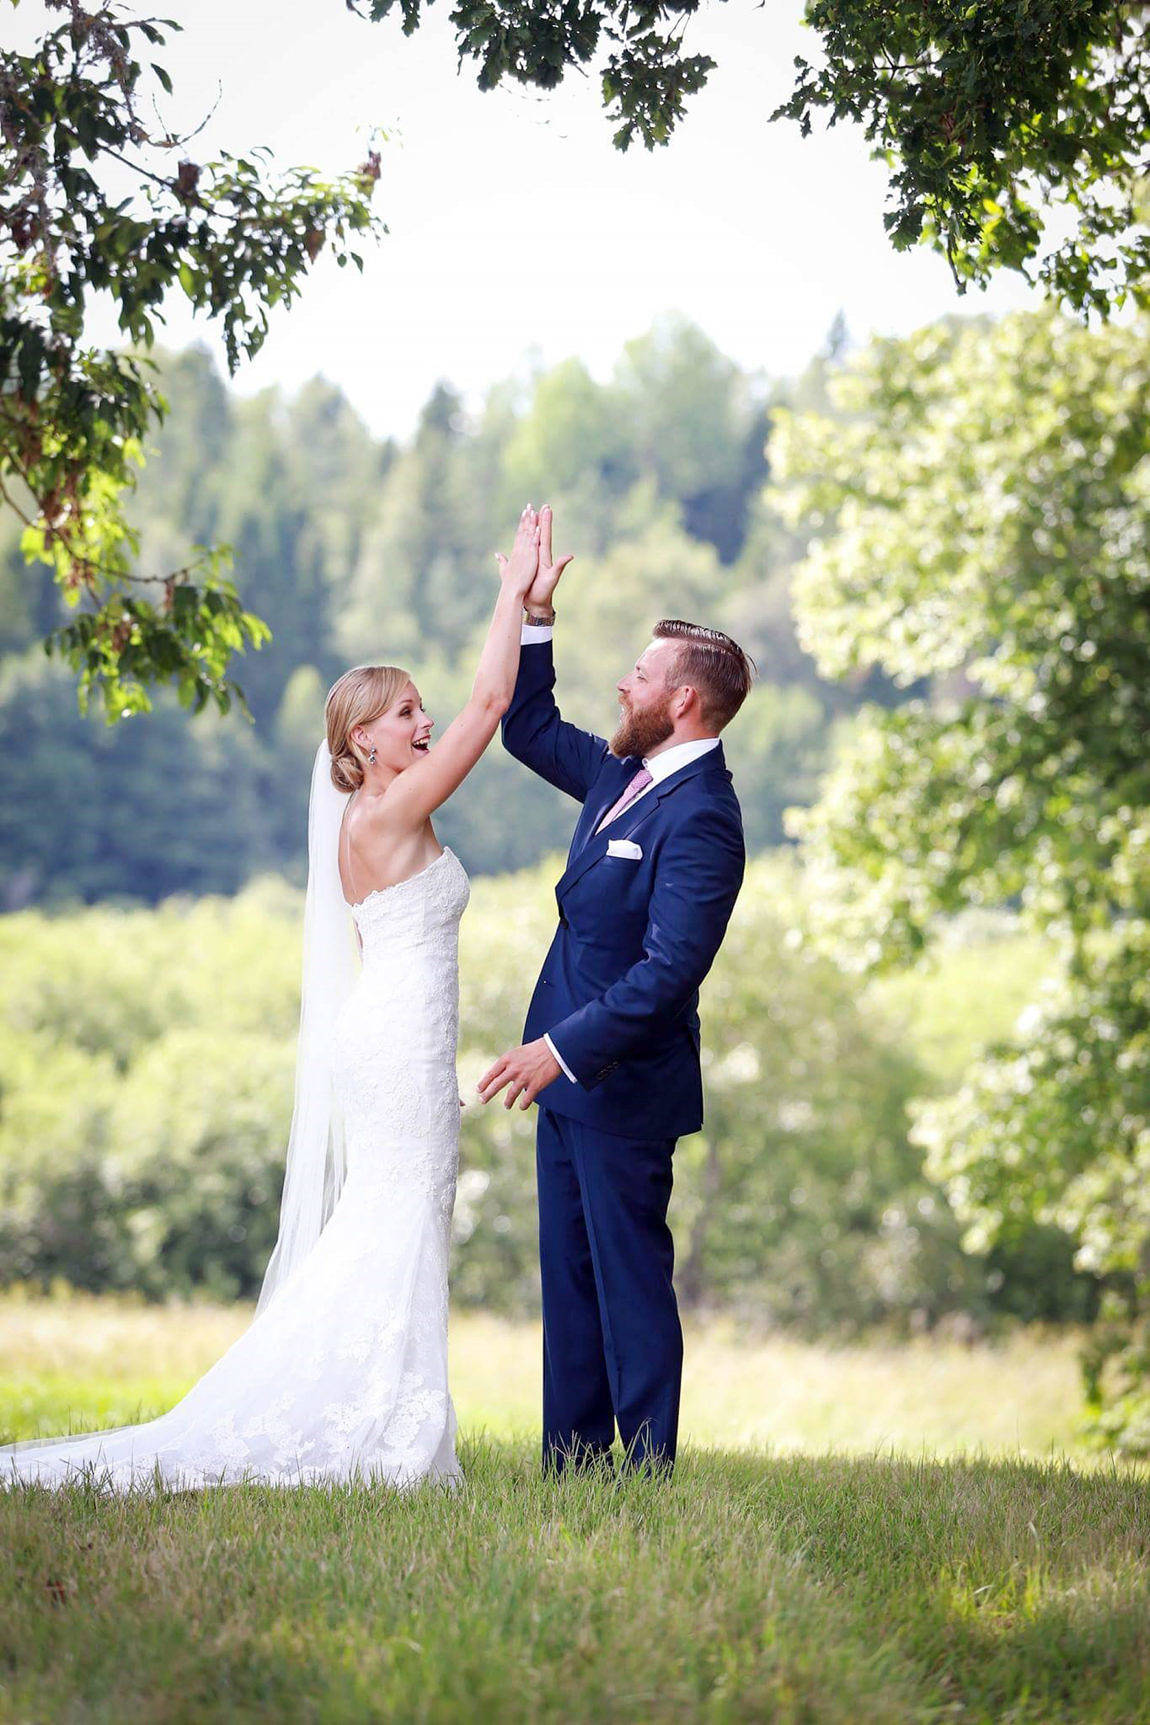 Victoria Henriksson och Edvard Dahlén, båda från Mariehamn, vigdes den 30 juli i Finströms kyrka. Makarnas gemensamma efternamn blir Dahlén. Vigselförrättare var kyrkoherde emeritus Roger Syrén.